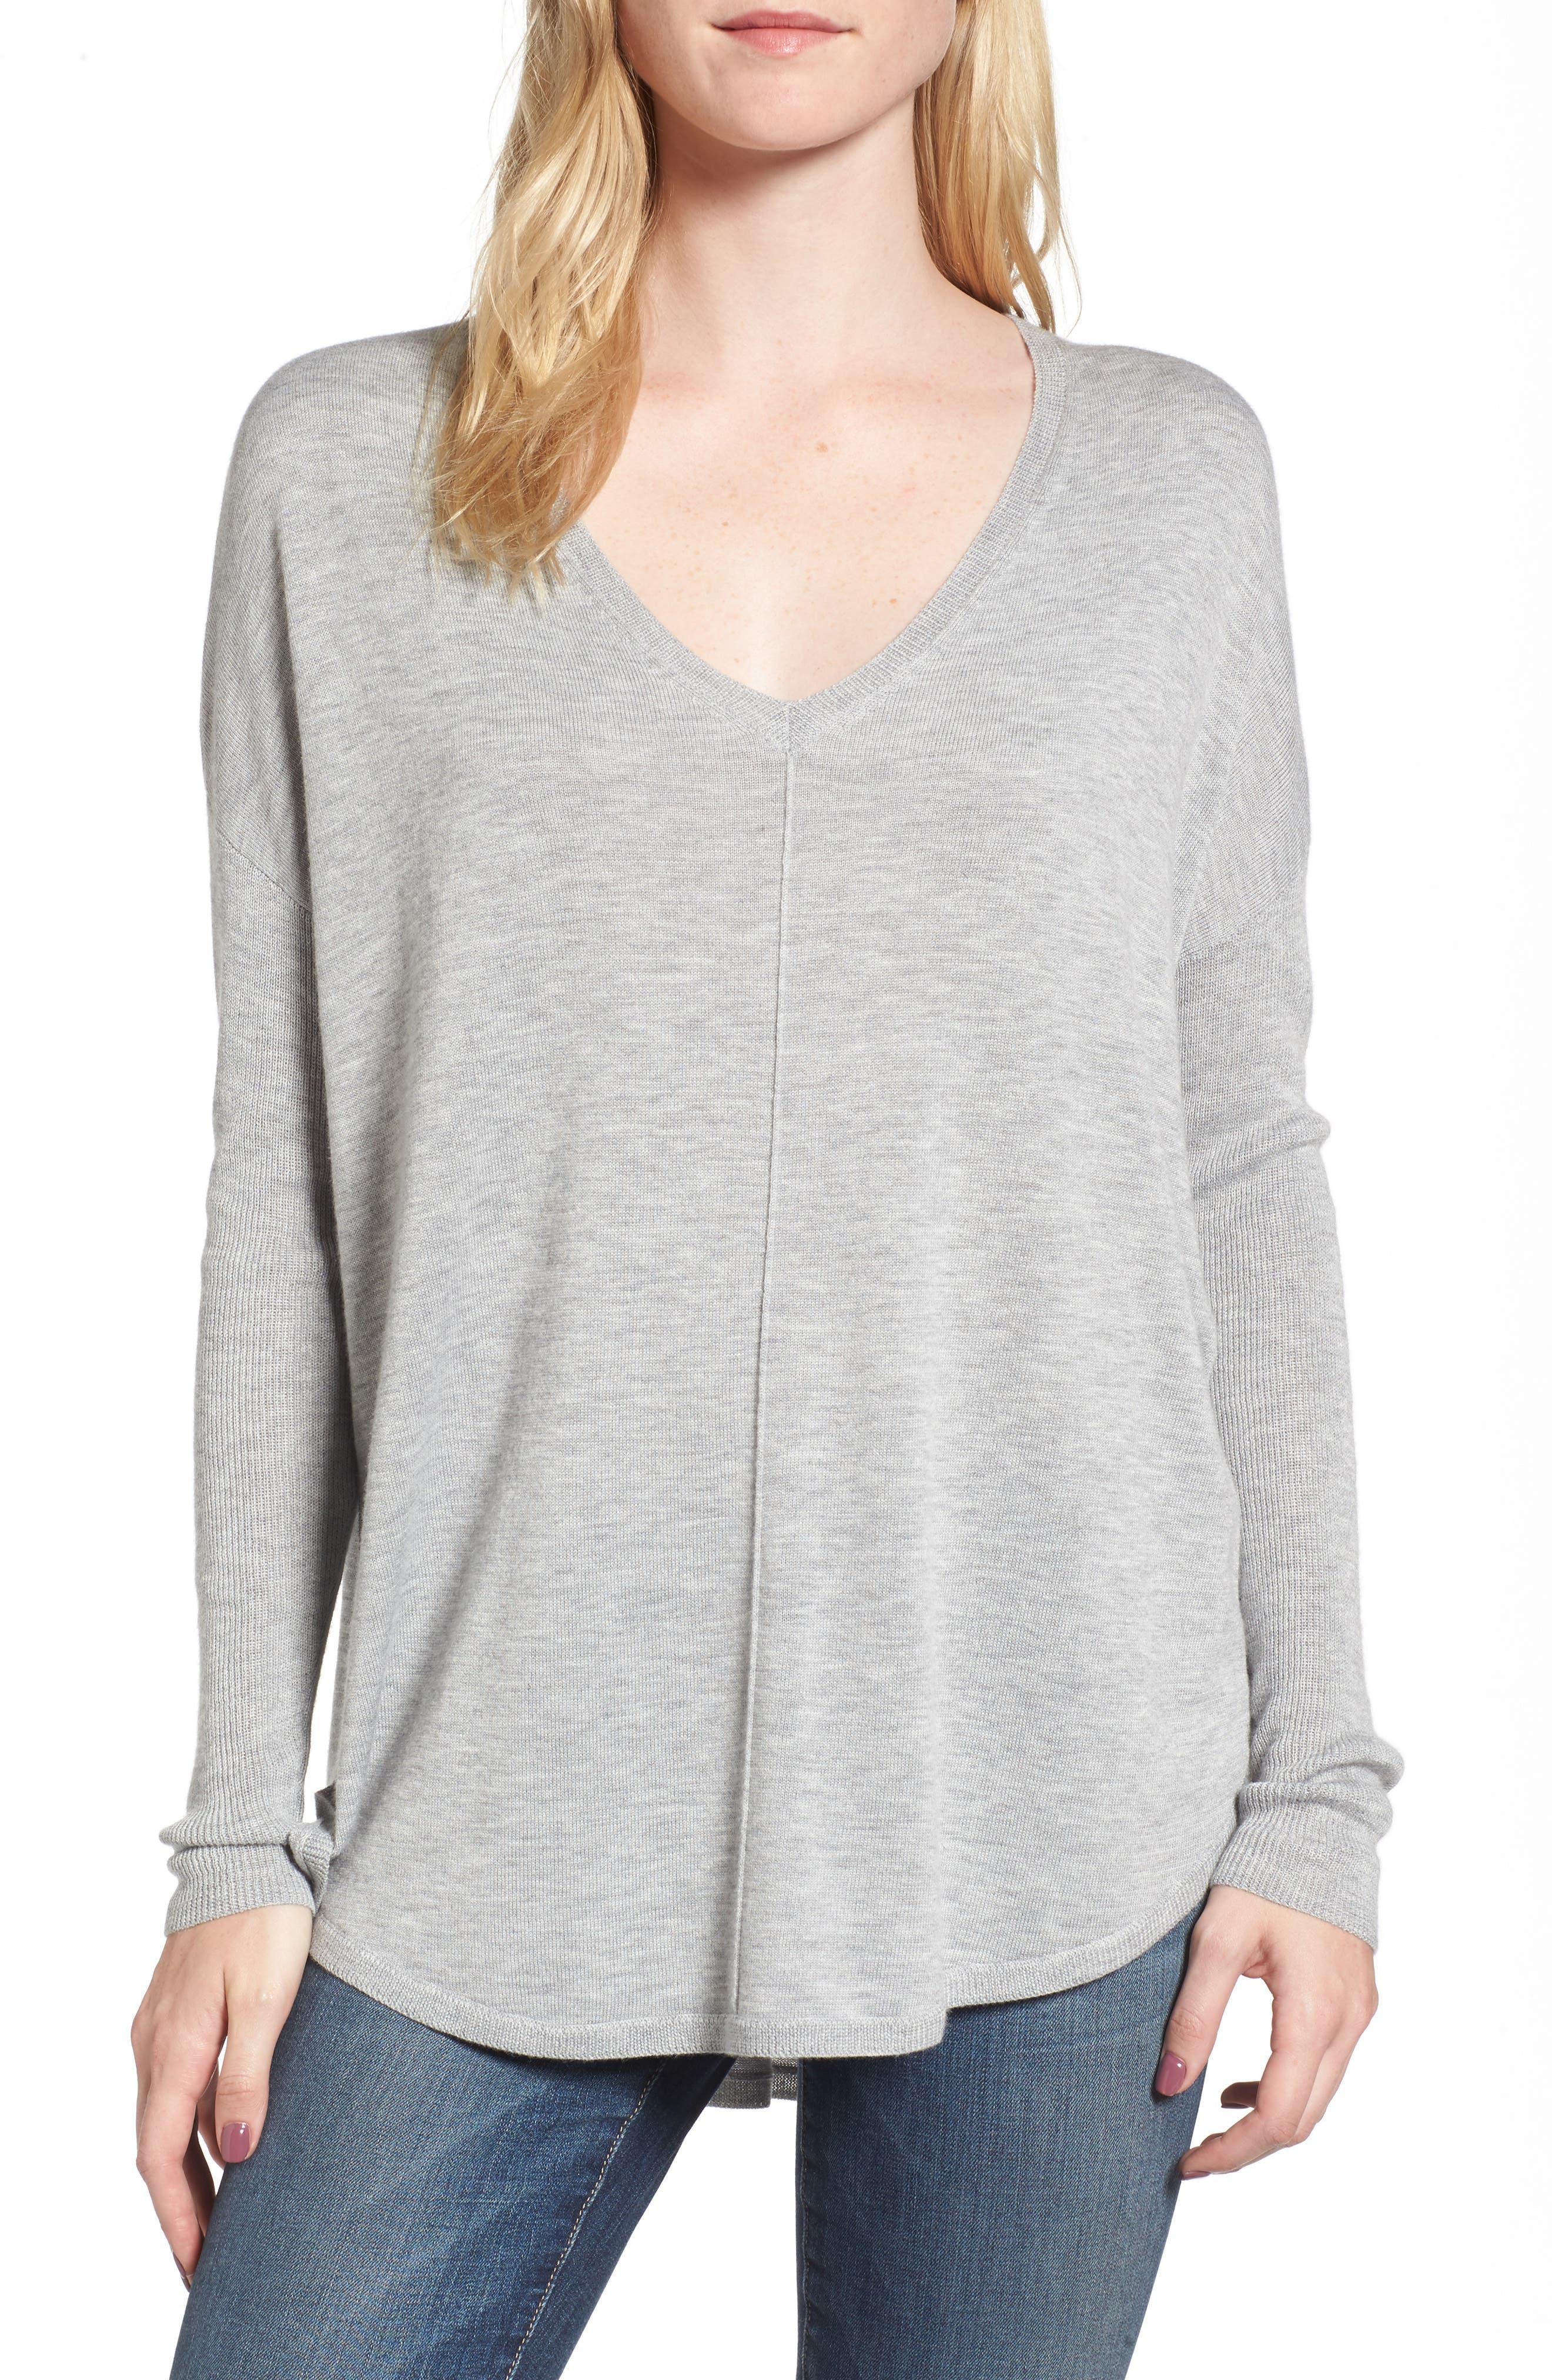 Trouvé 'Everyday' V-Neck Sweater